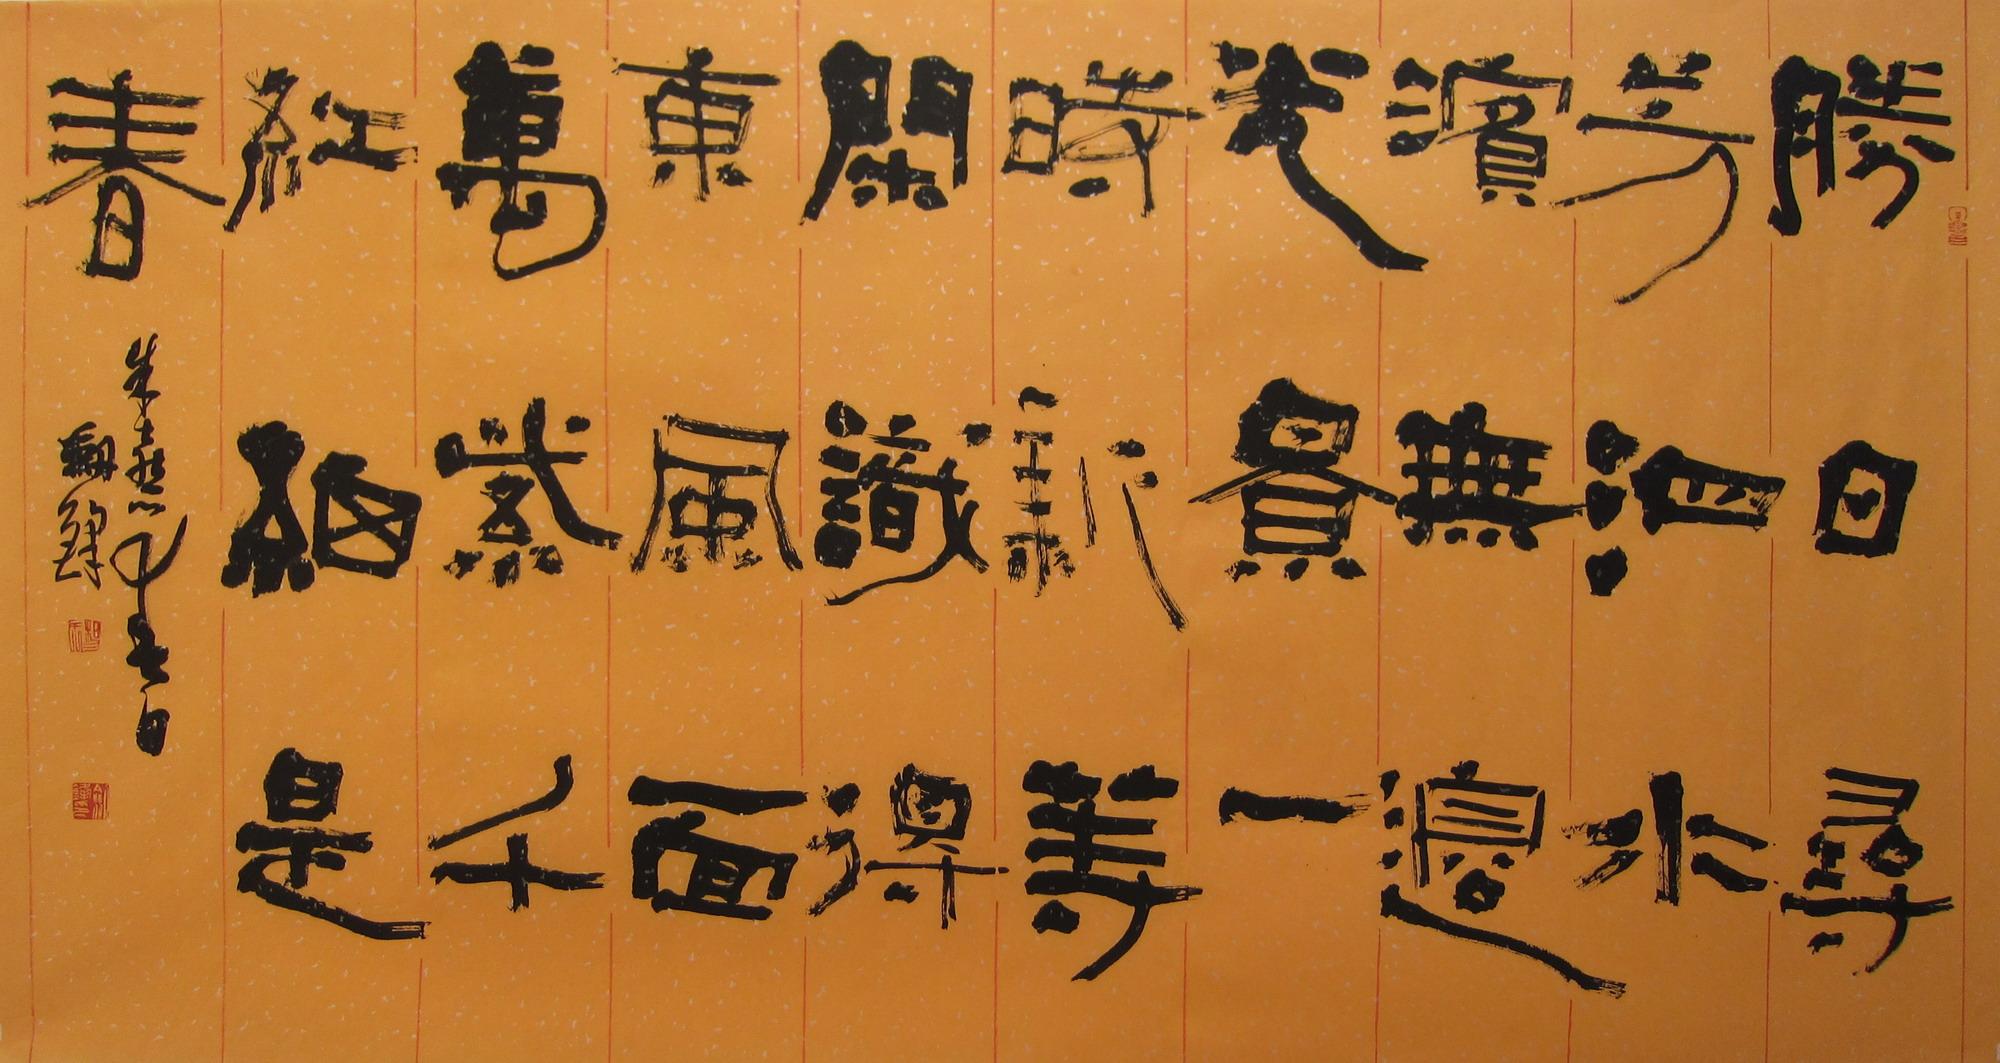 杨剑锋隶书横幅图片